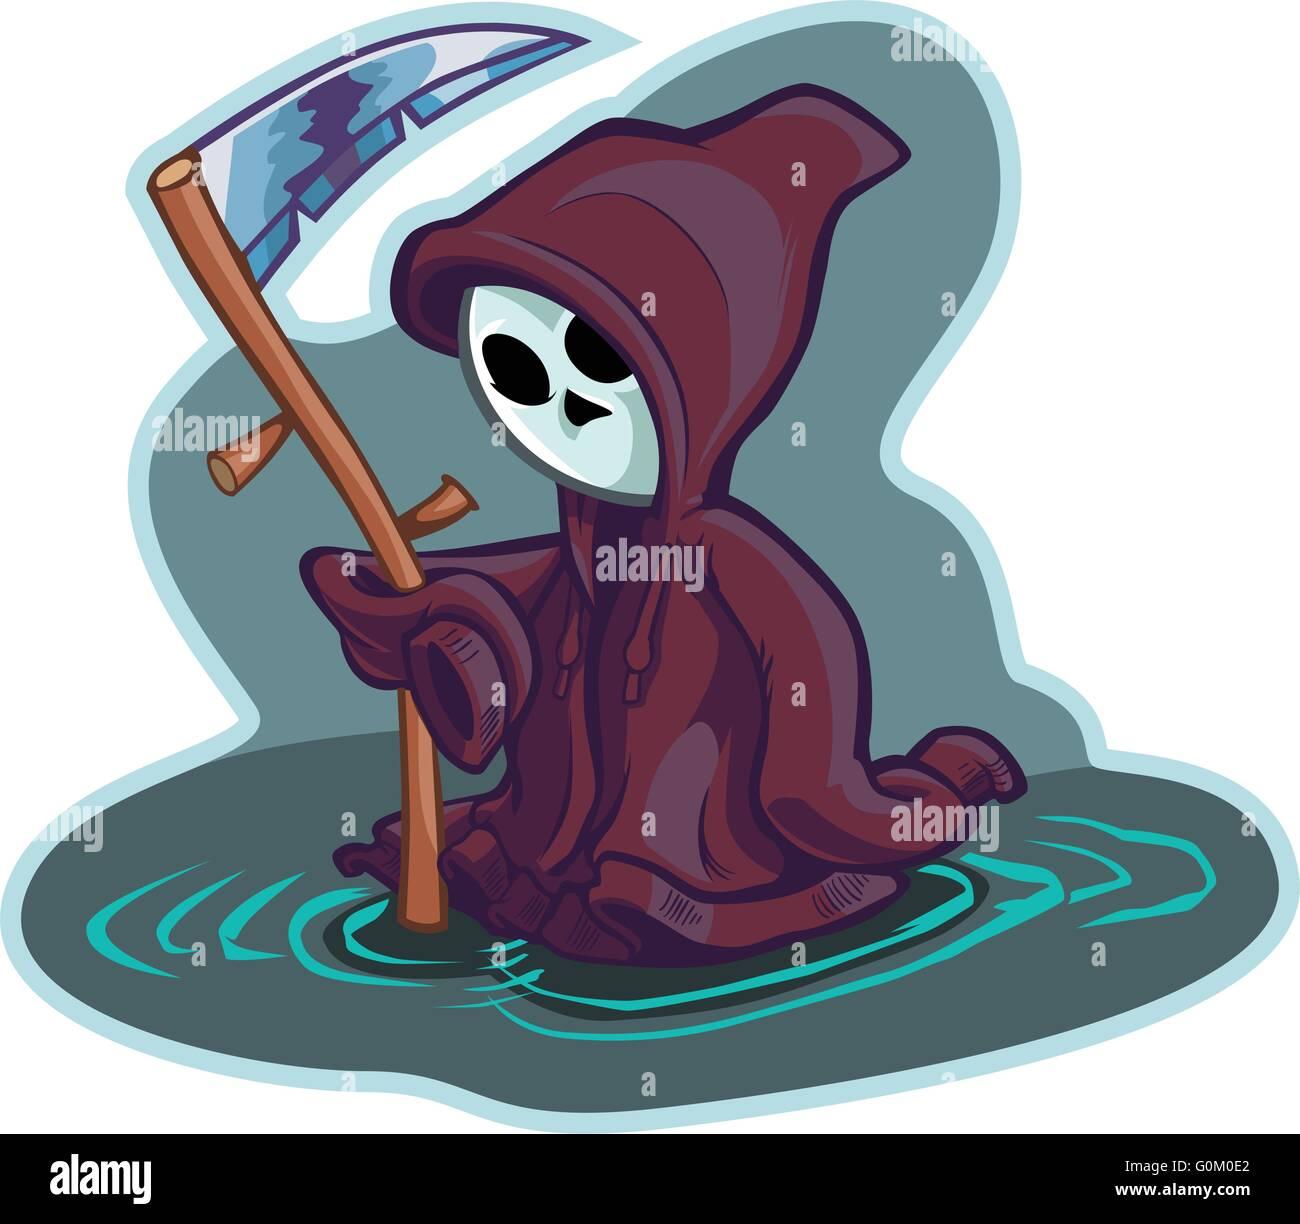 Cartoon vectores clip art ilustración de un pequeño y lindo niño o joven  versión de muerte o el segador c58c24aa5fe